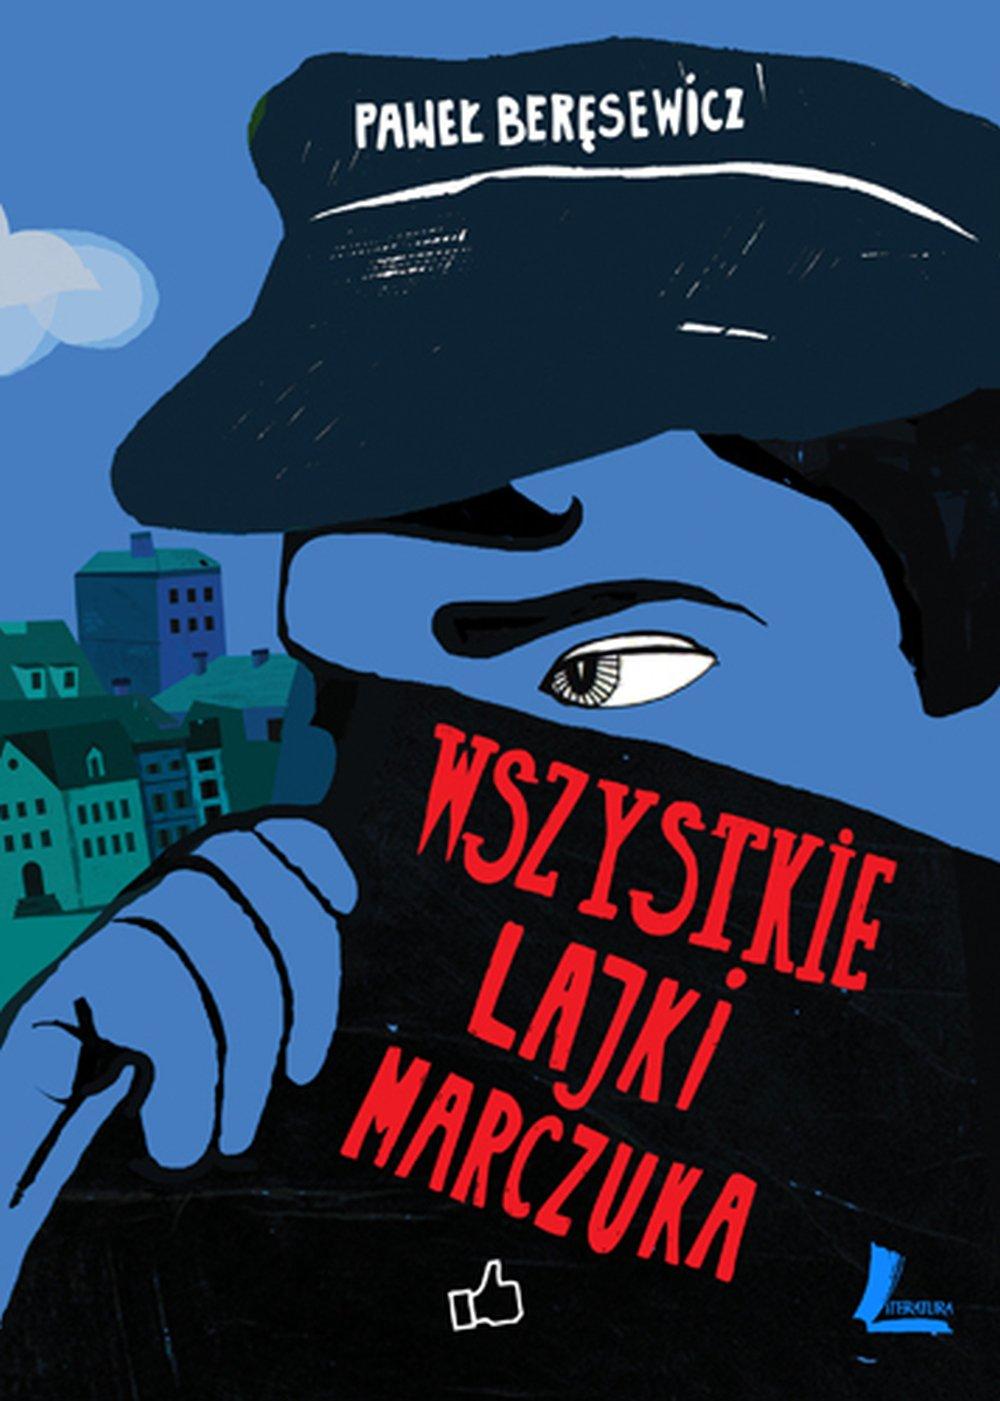 Wszystkie lajki Marczuka - Ebook (Książka na Kindle) do pobrania w formacie MOBI